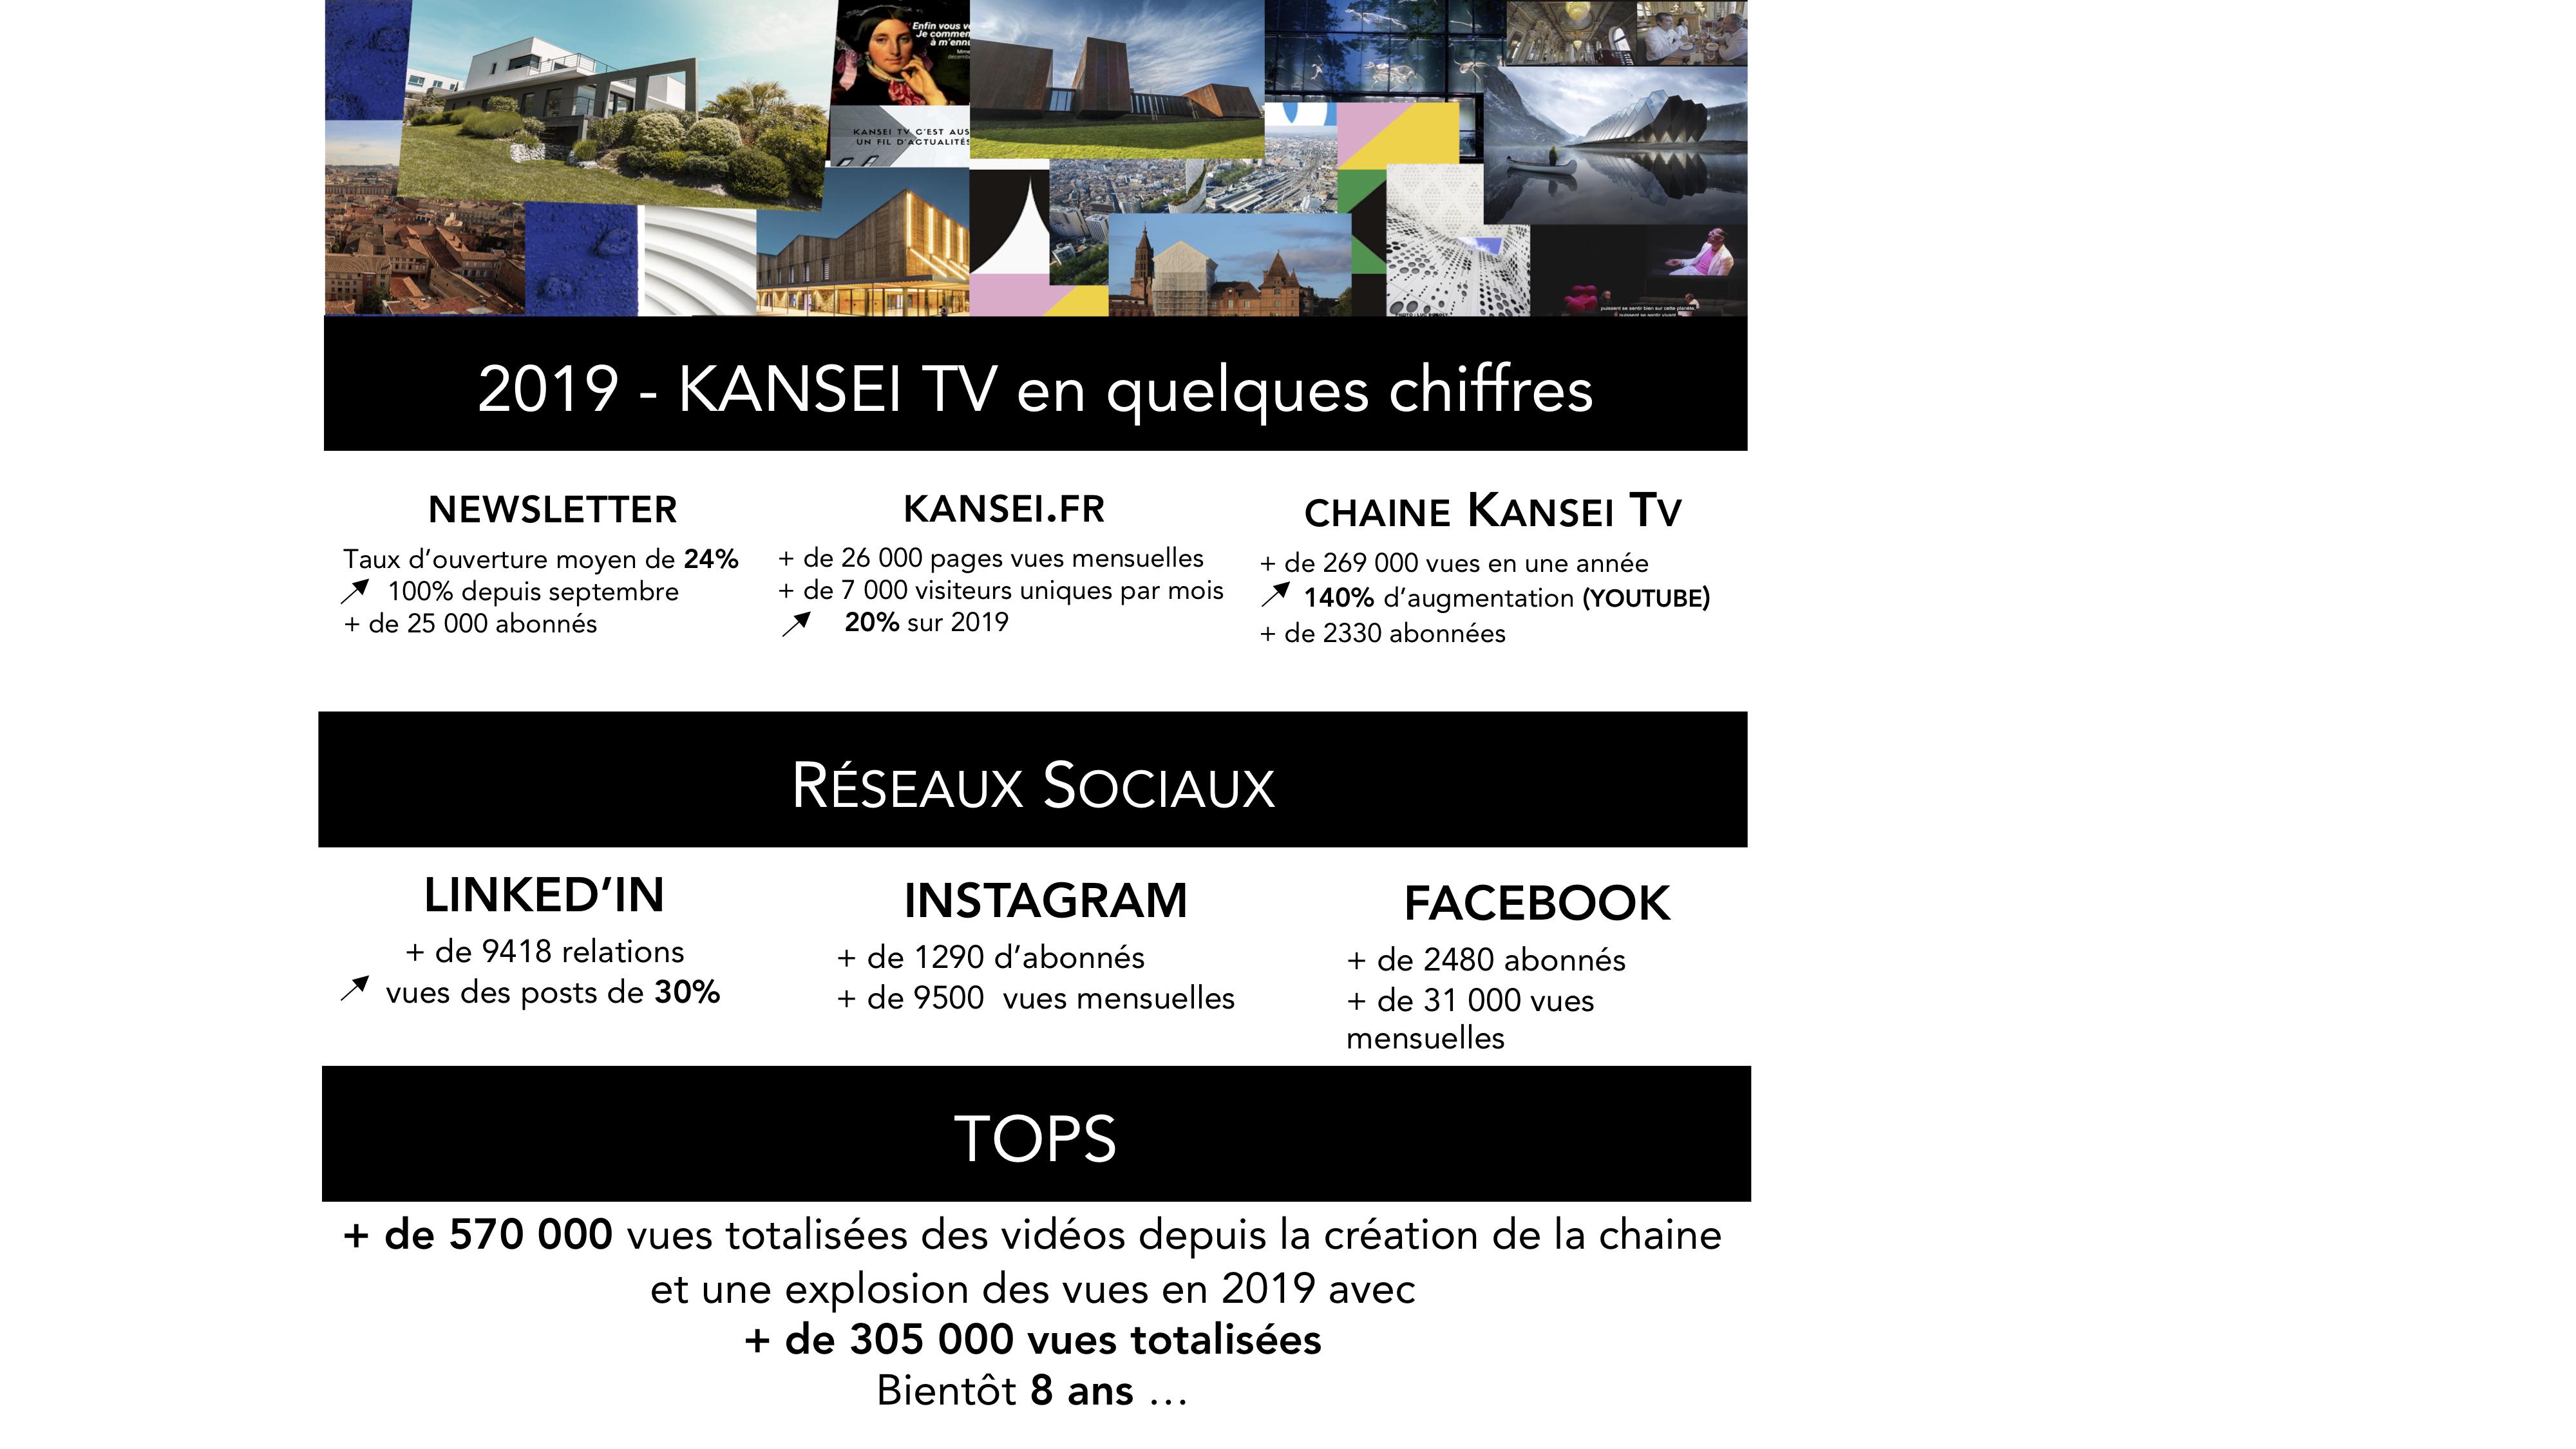 chiffres clés 2019 KANSEI TV